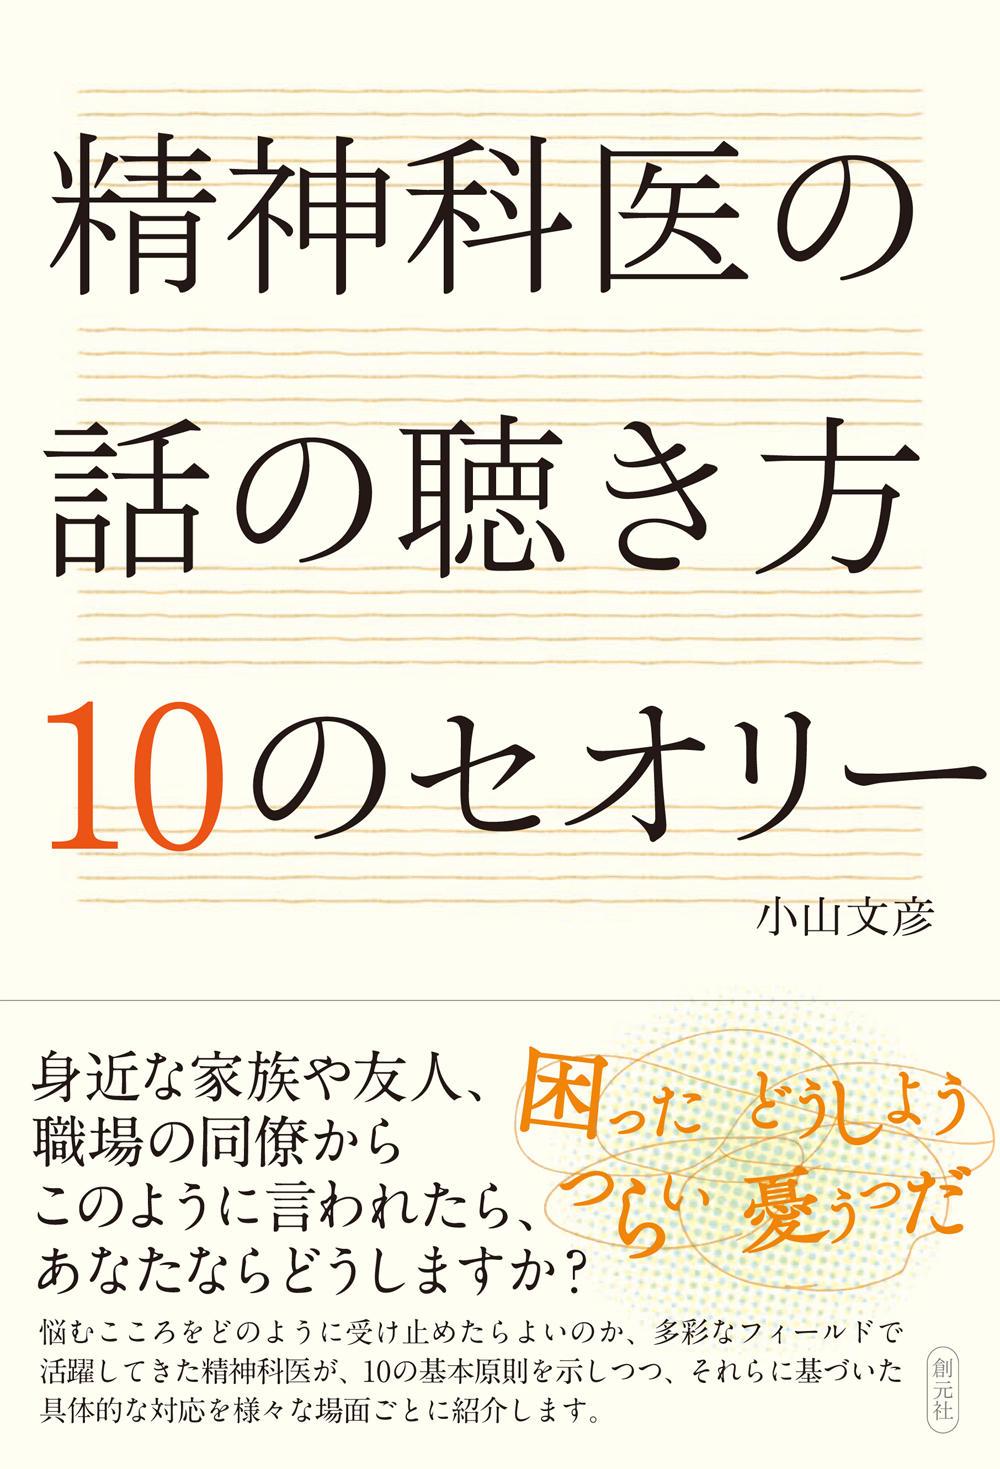 【書籍紹介】「精神科医の話の聴き方 10のセオリー」